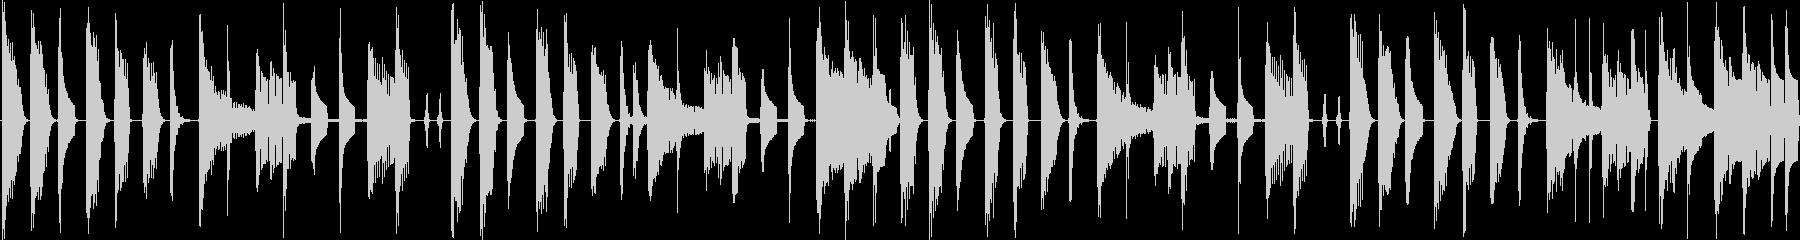 可愛らしい電子音が特徴のテクノポップの未再生の波形